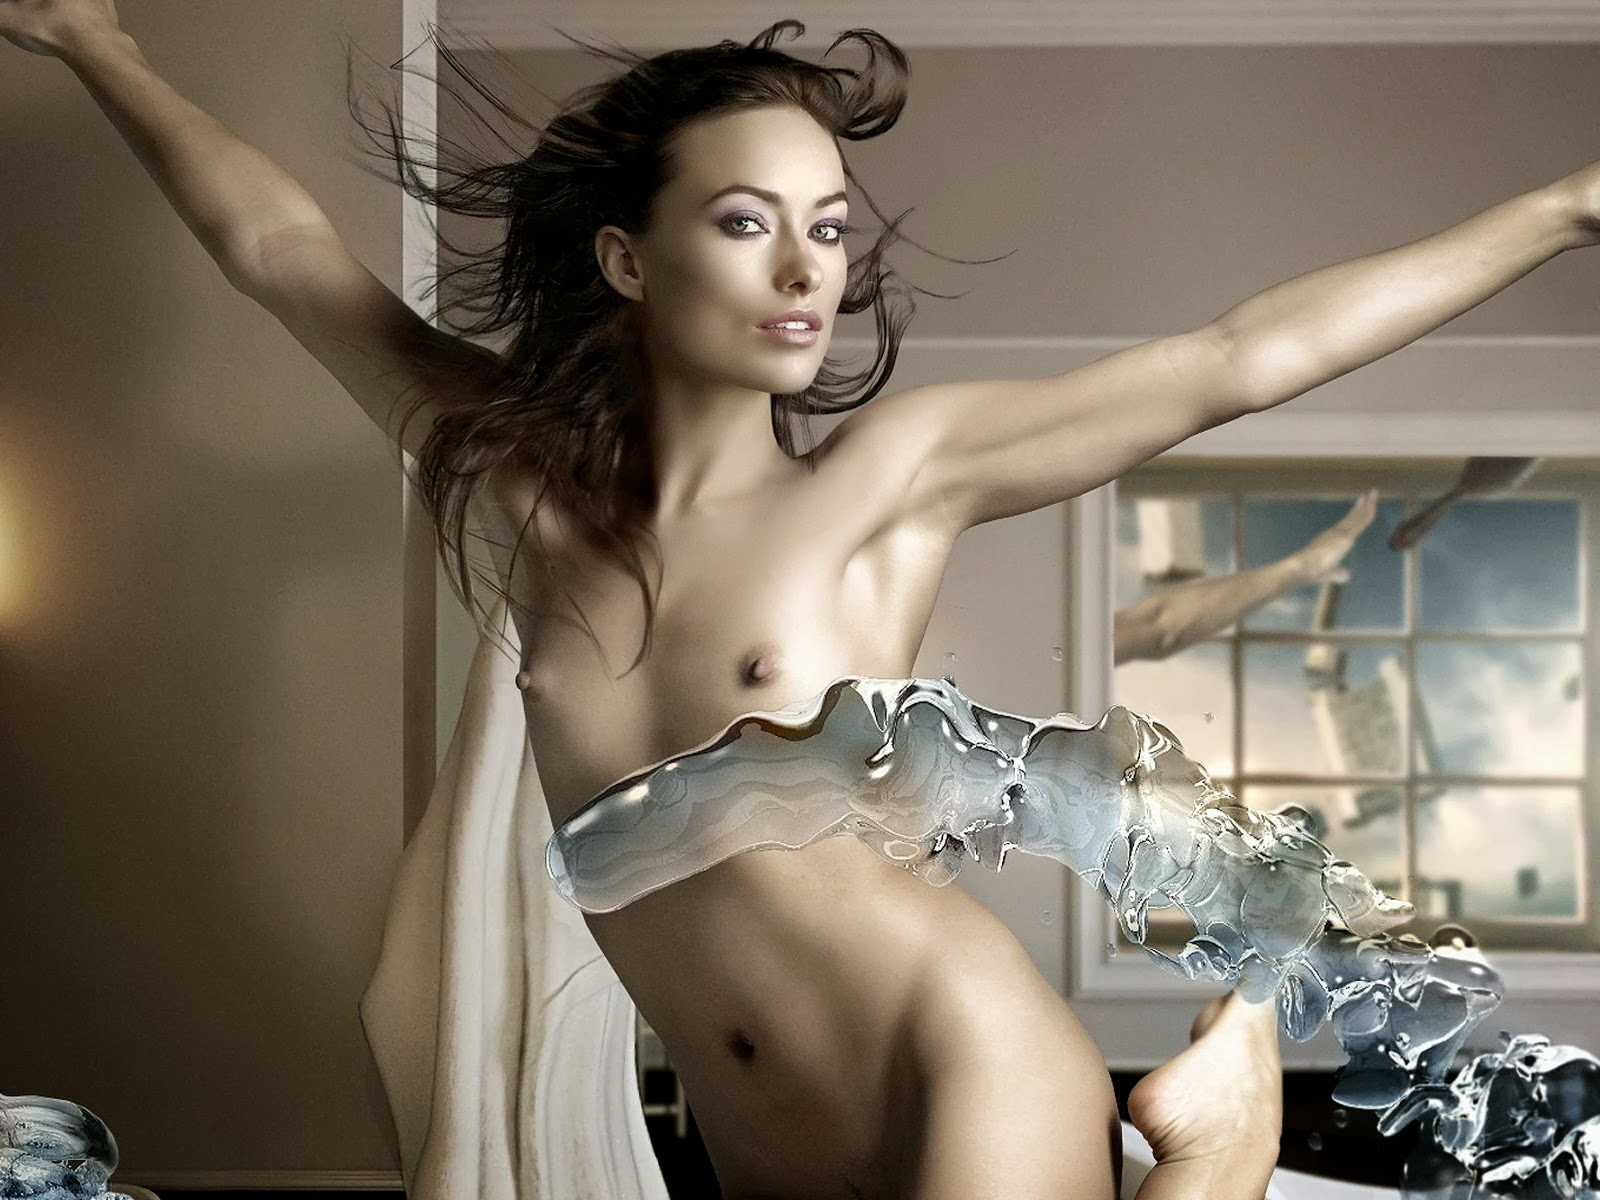 eroticheskie-foto-gabriella-uayld